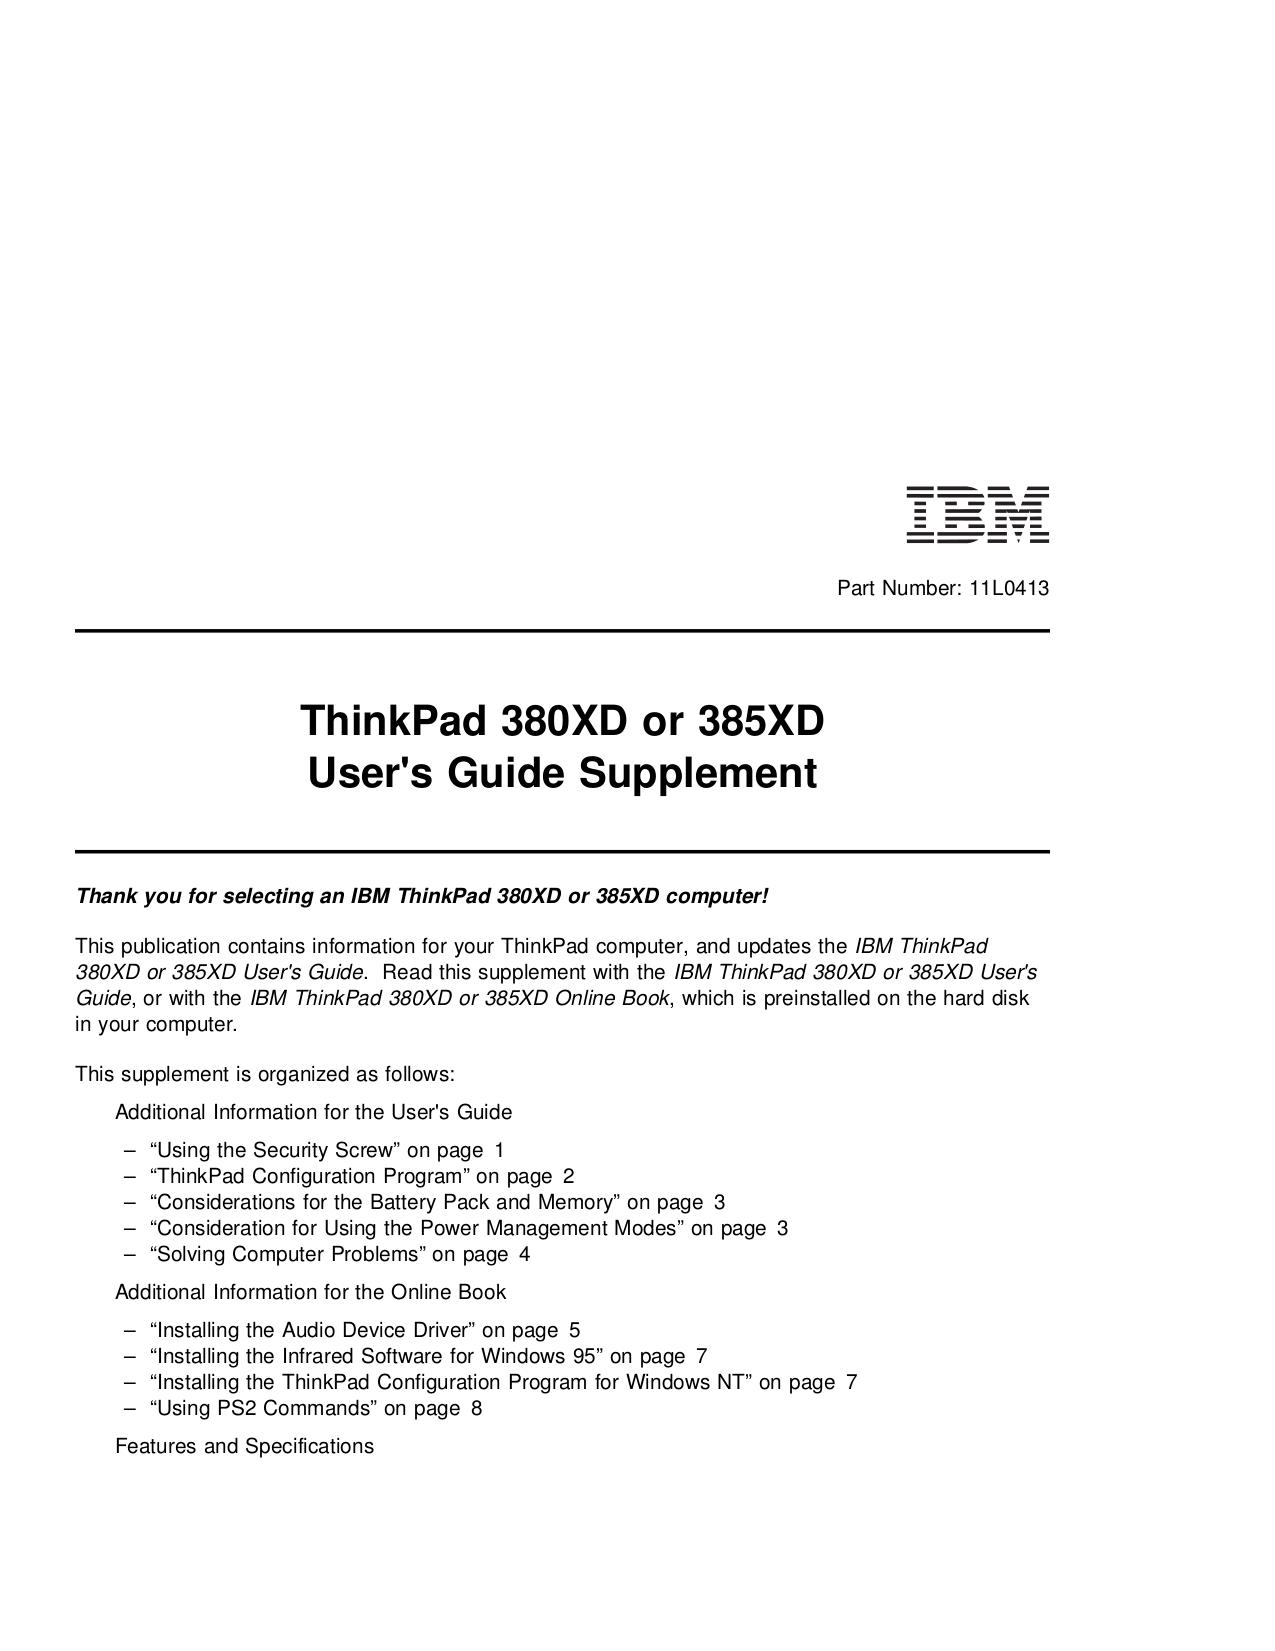 pdf for IBM Laptop ThinkPad 380 manual